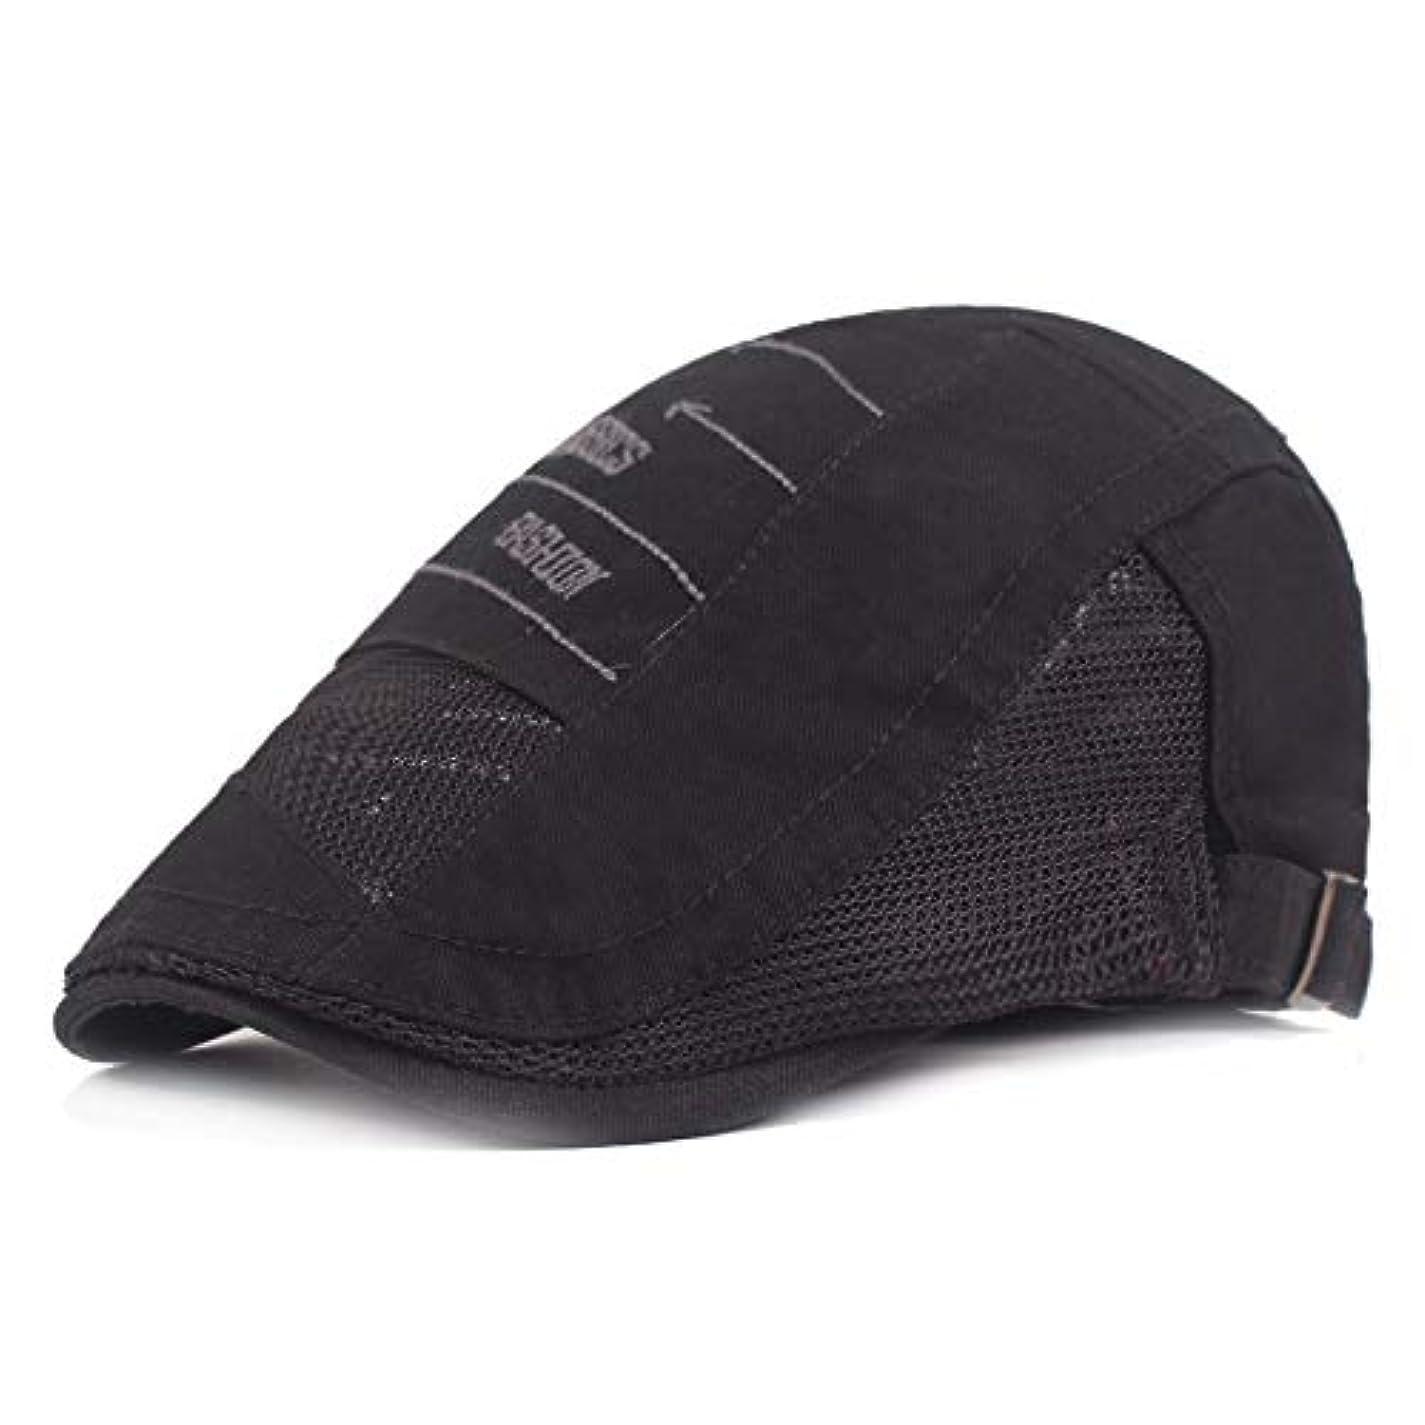 稼ぐあそこ被害者サマー ベレー帽 メッシュ キャスケットハンチング帽 メンズ レディース ハット トレッキング日よけ 帽子